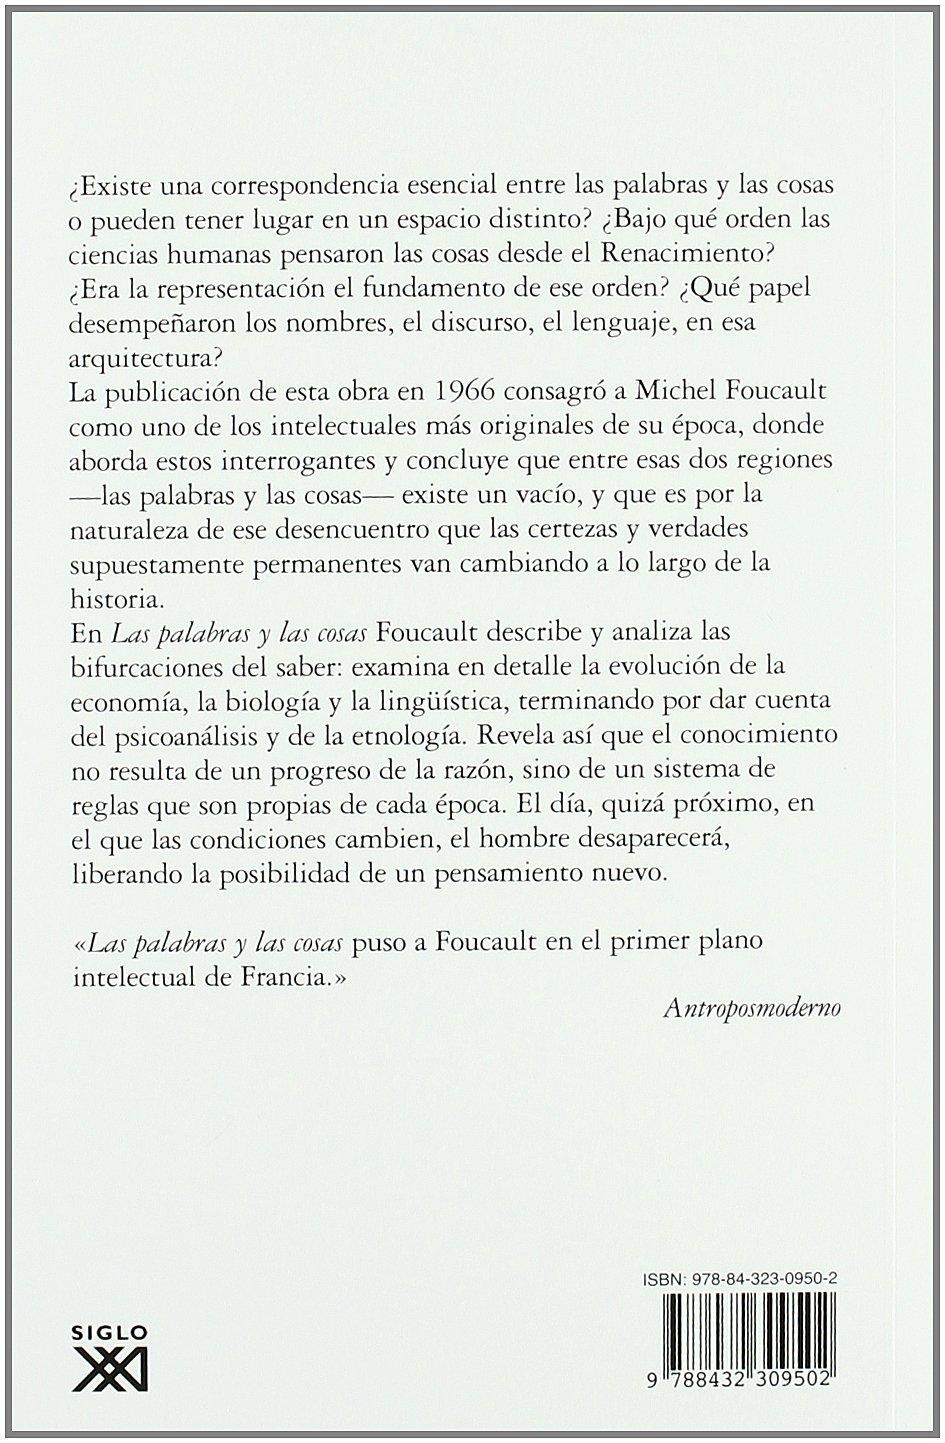 Las palabras y las cosas: Una arqueología de las ciencias humanas: Amazon.es: Michel Foucault, Pedro Arjona, Elsa Cecilia Frost: Libros